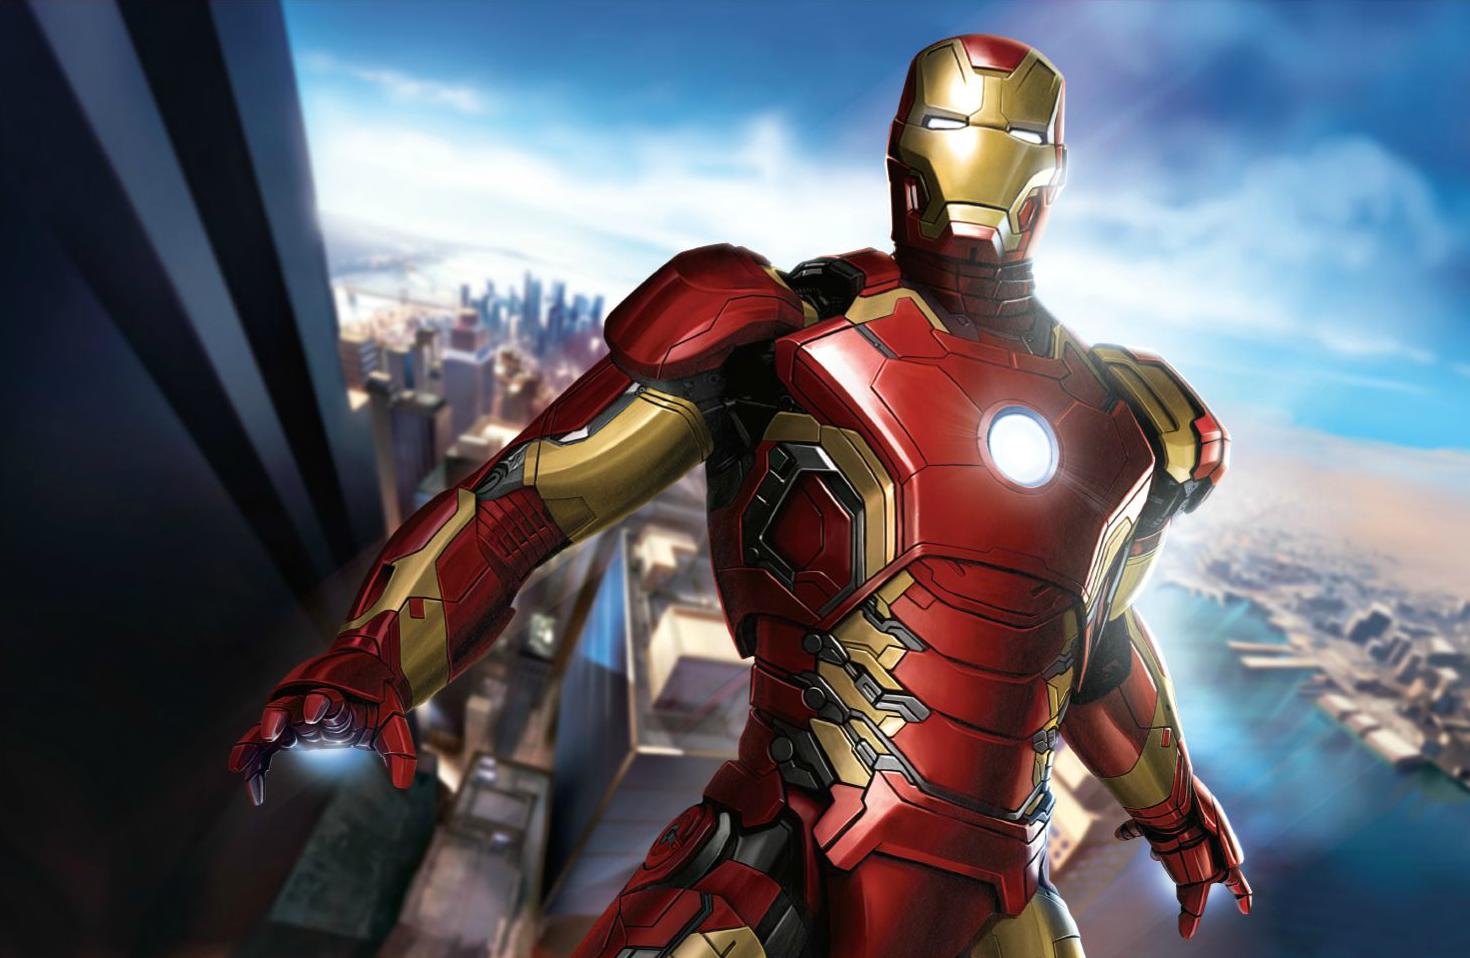 Avengers 2 Iron Man Concept Art